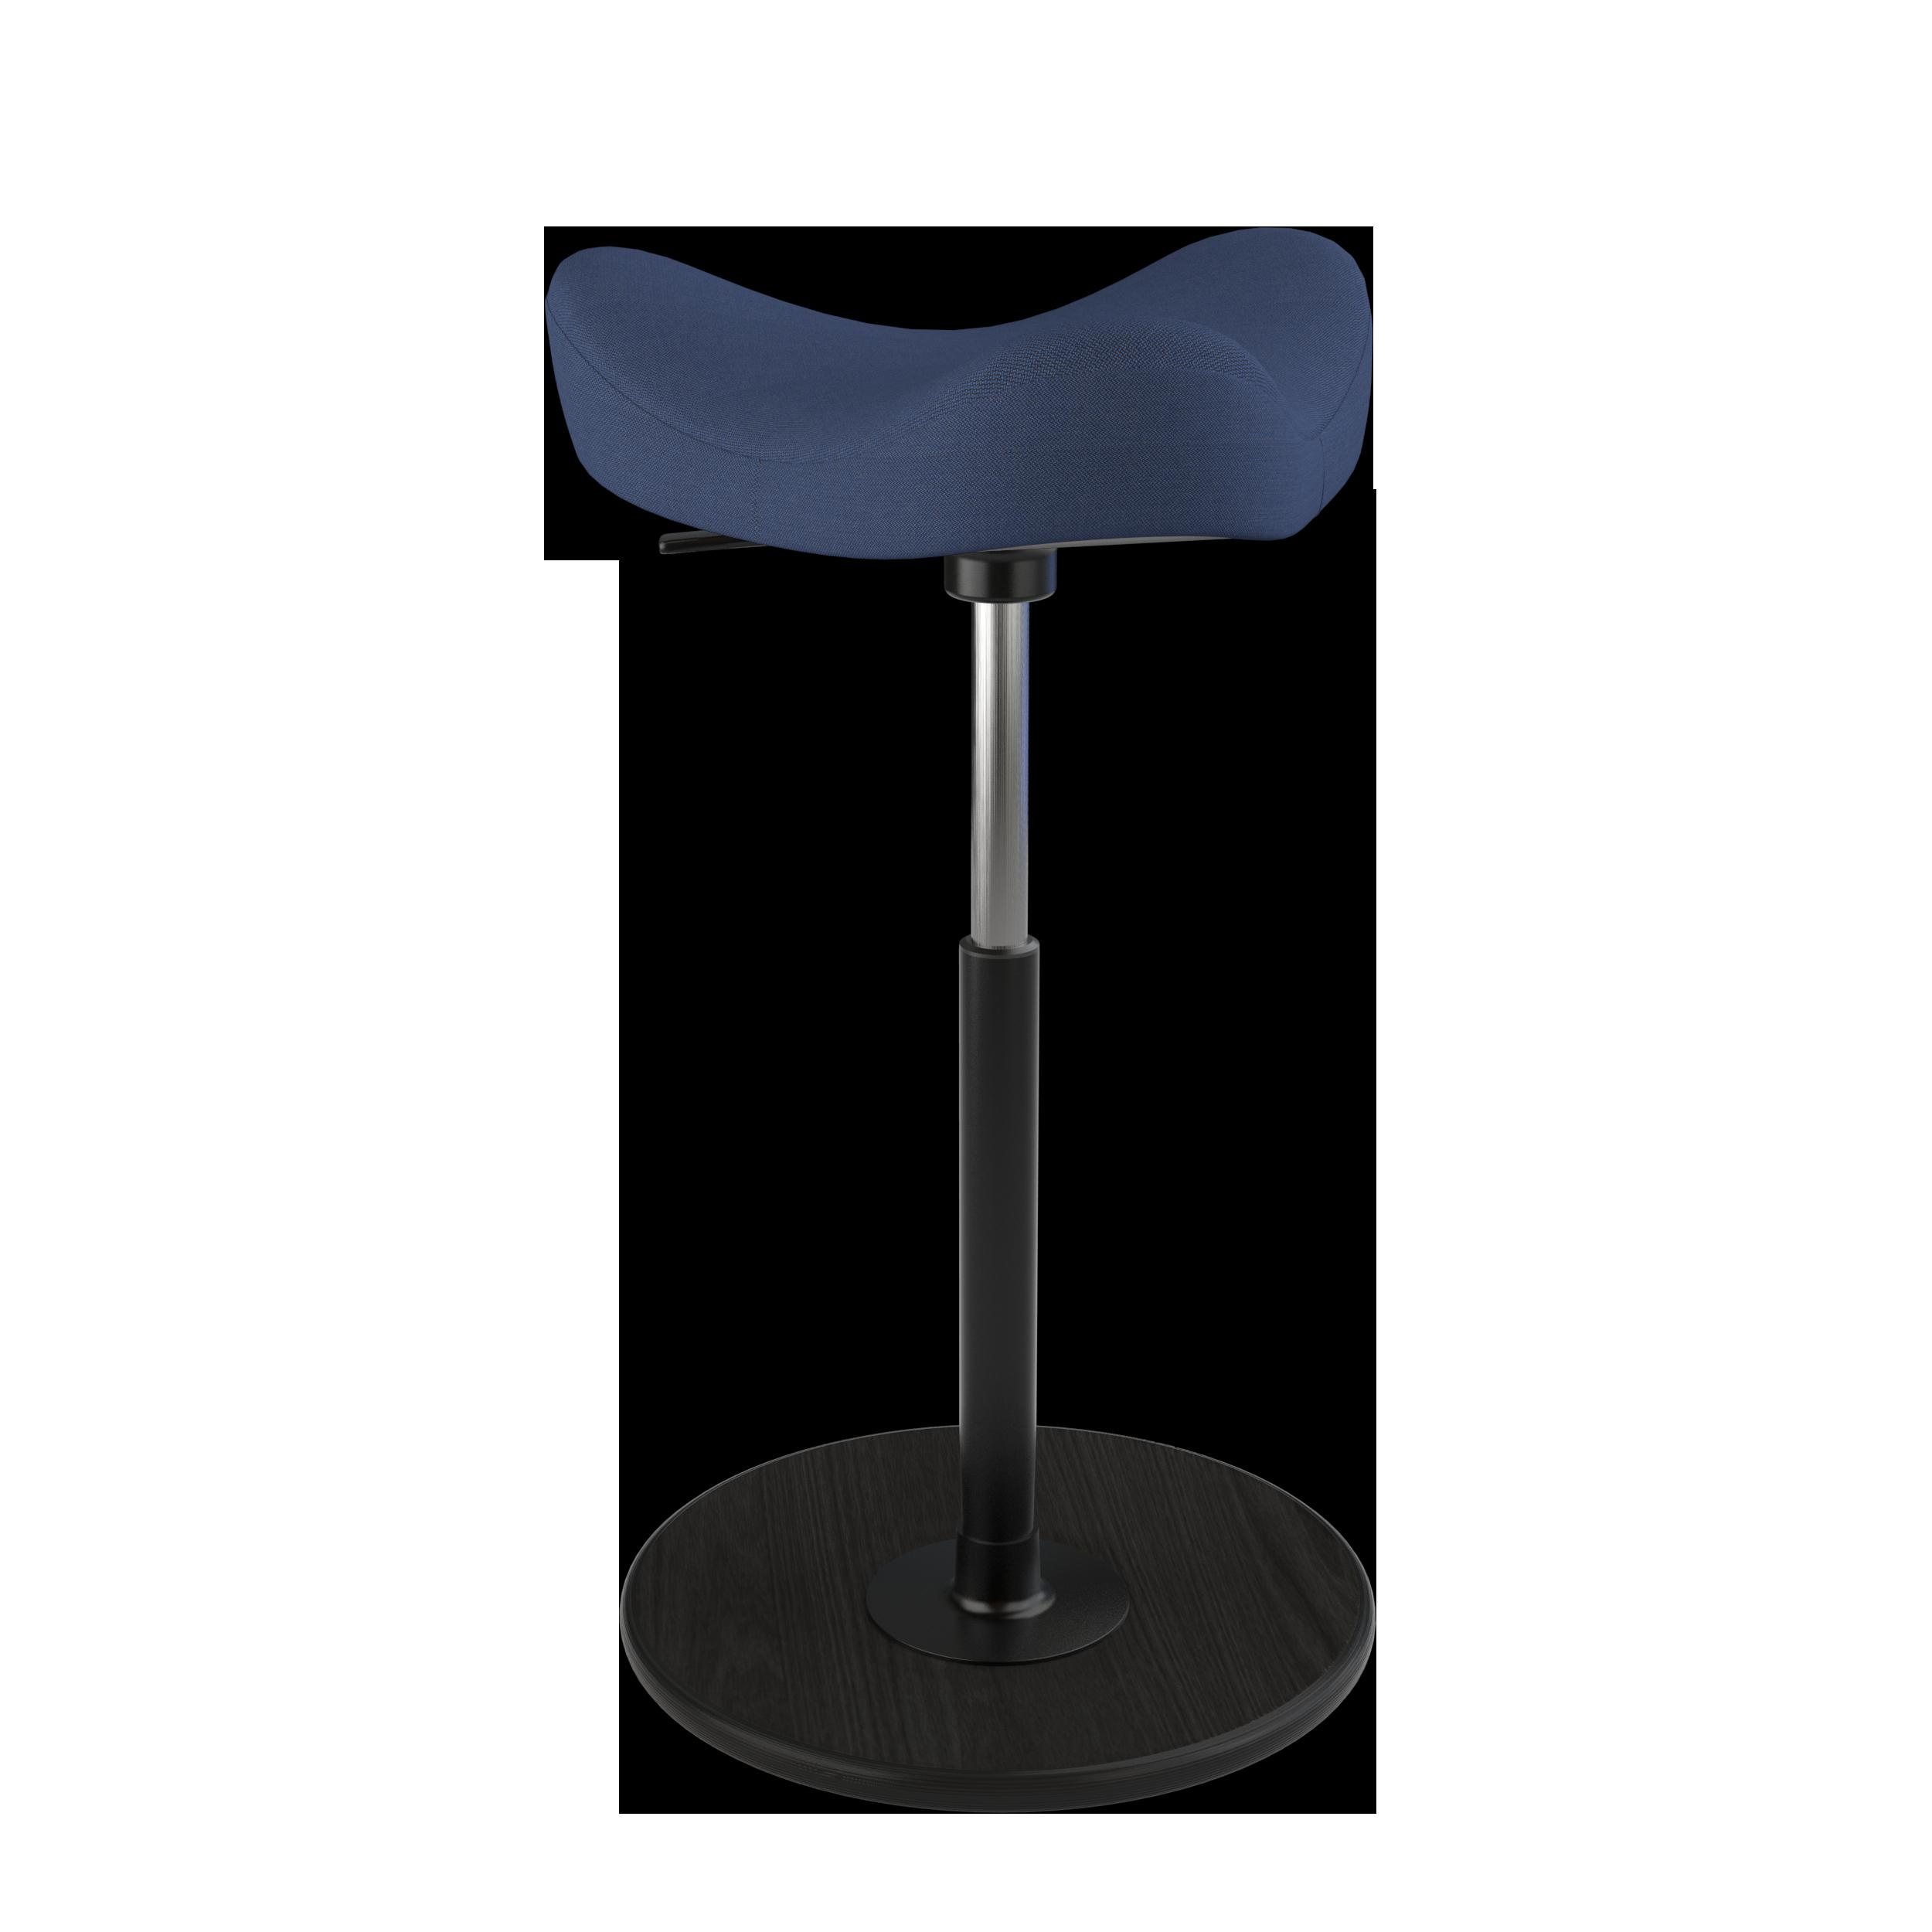 varier Stehhilfe MOVE mittel 56-82 cm, Teller Esche schwarz 03